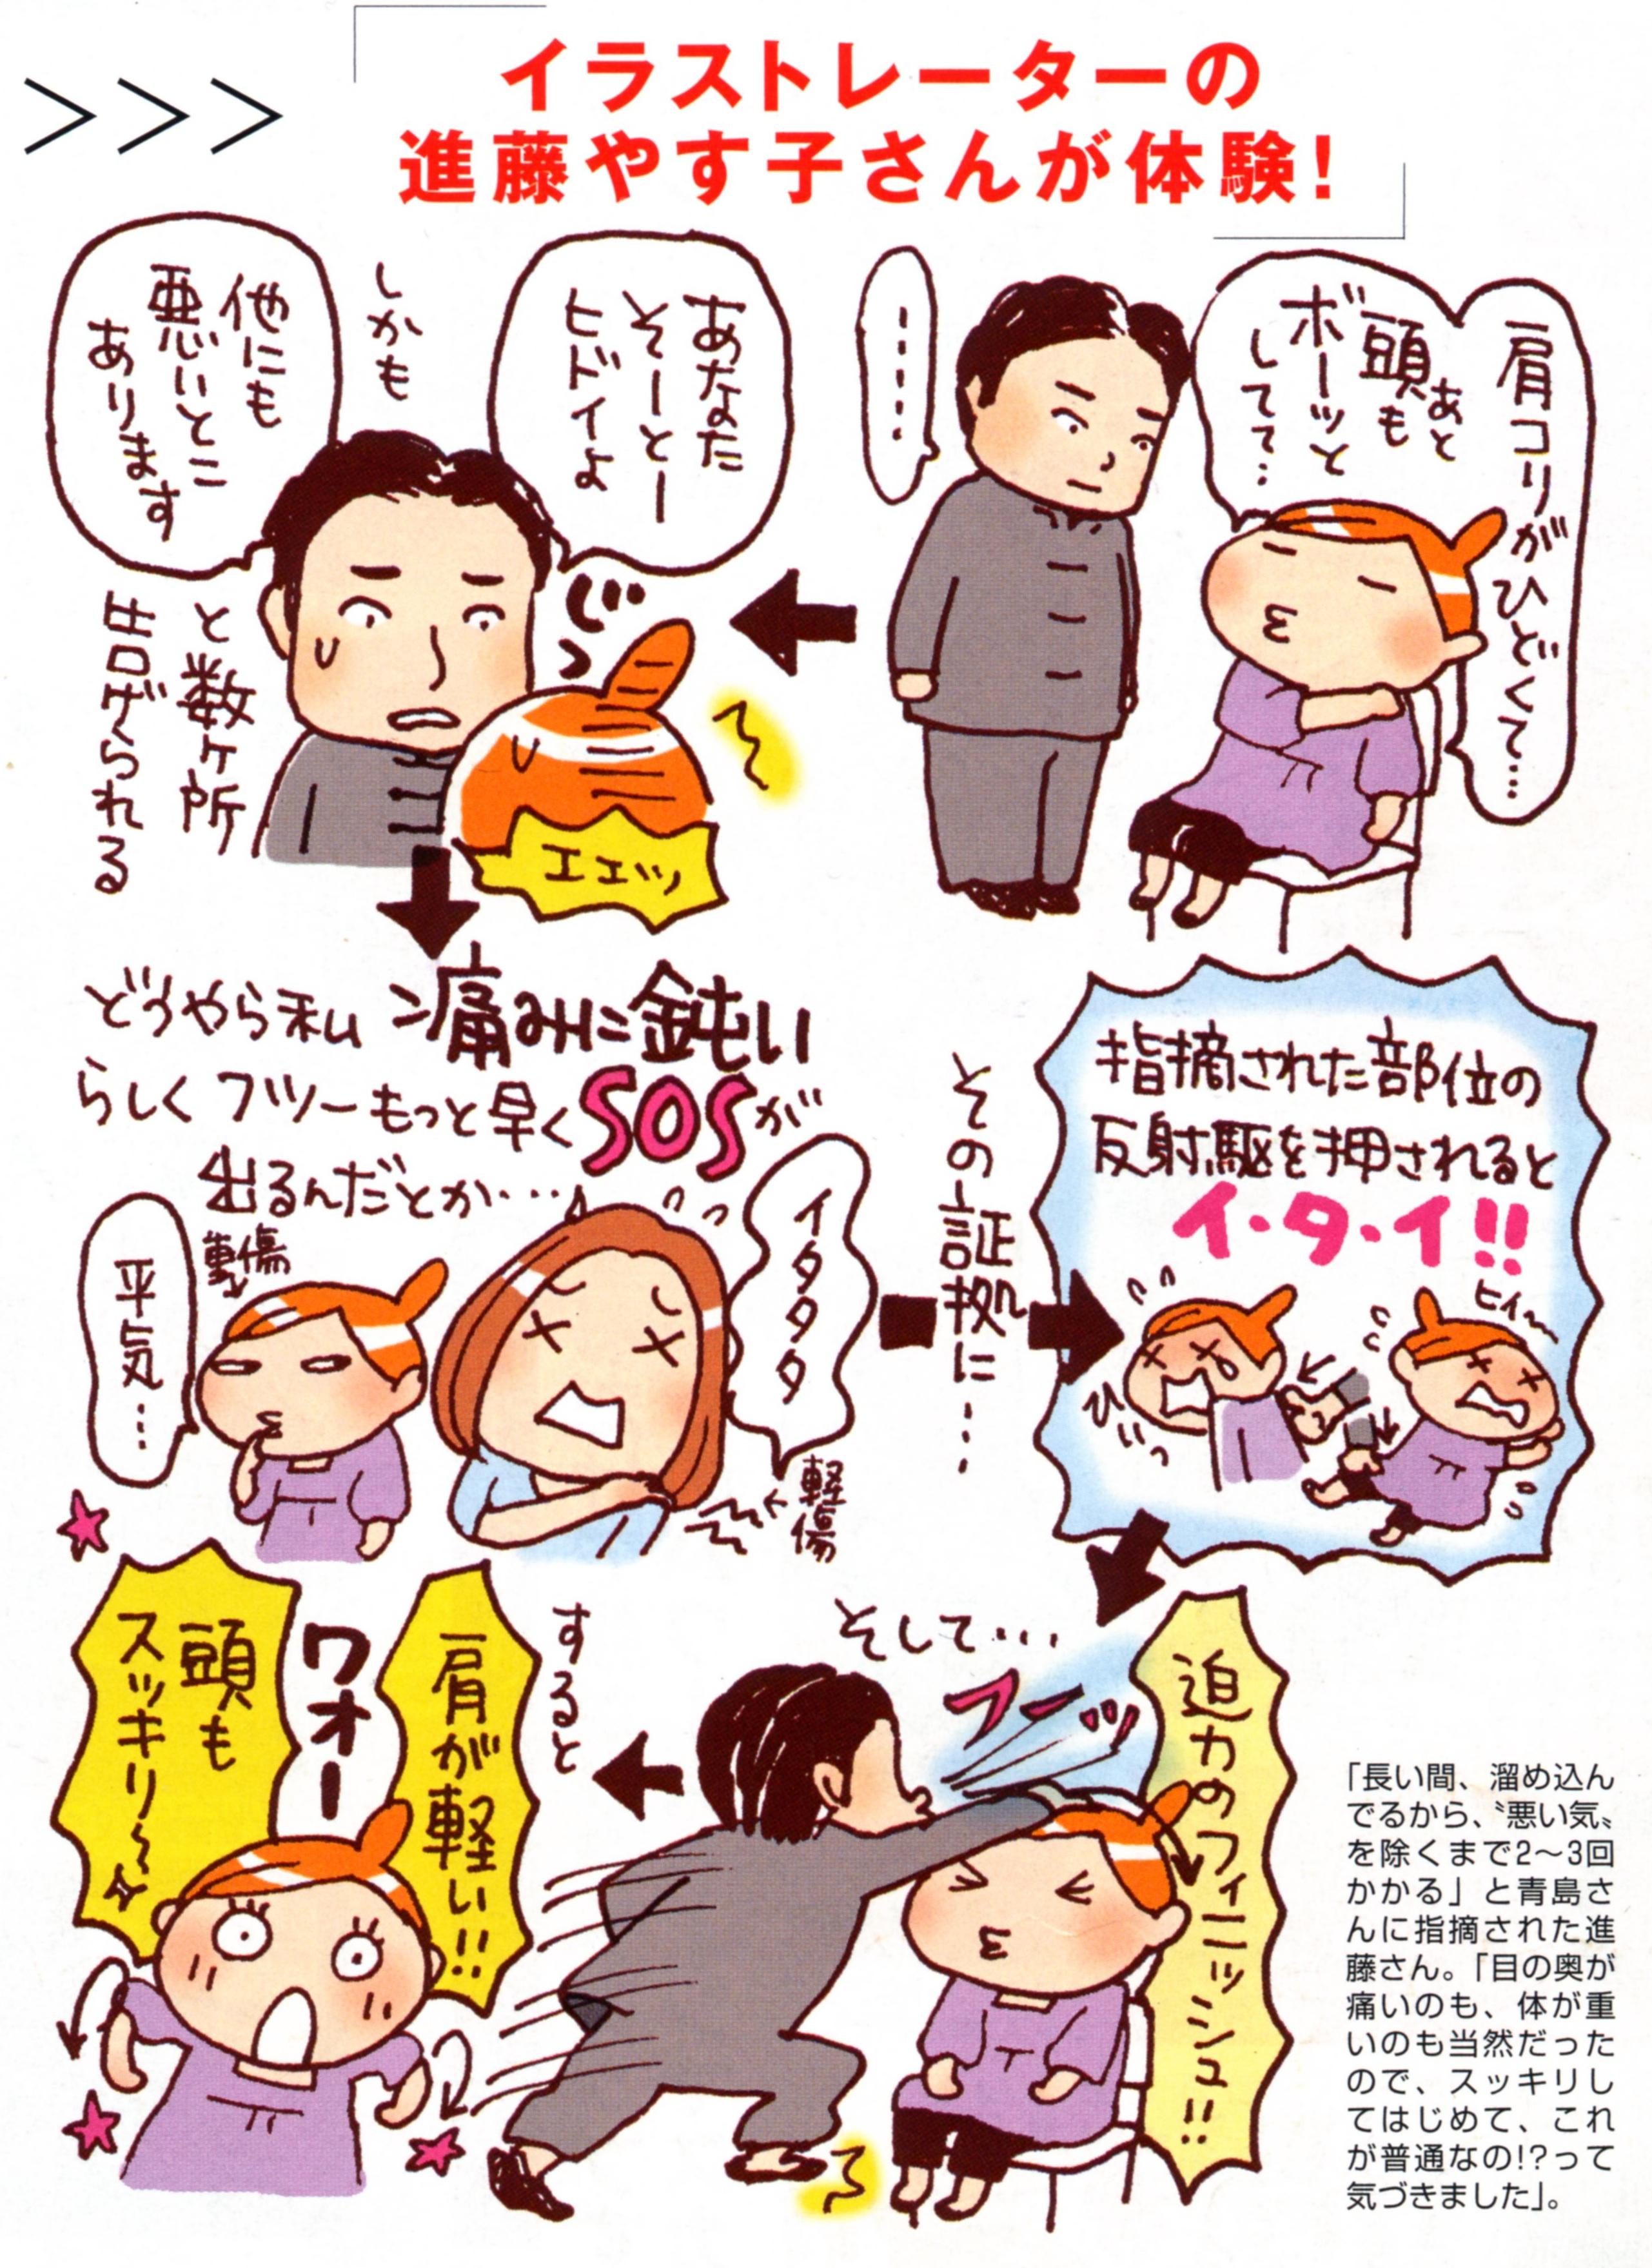 大明気功:イラストレーター進藤やす子さんによる青島院長の気功施術体験のイラスト